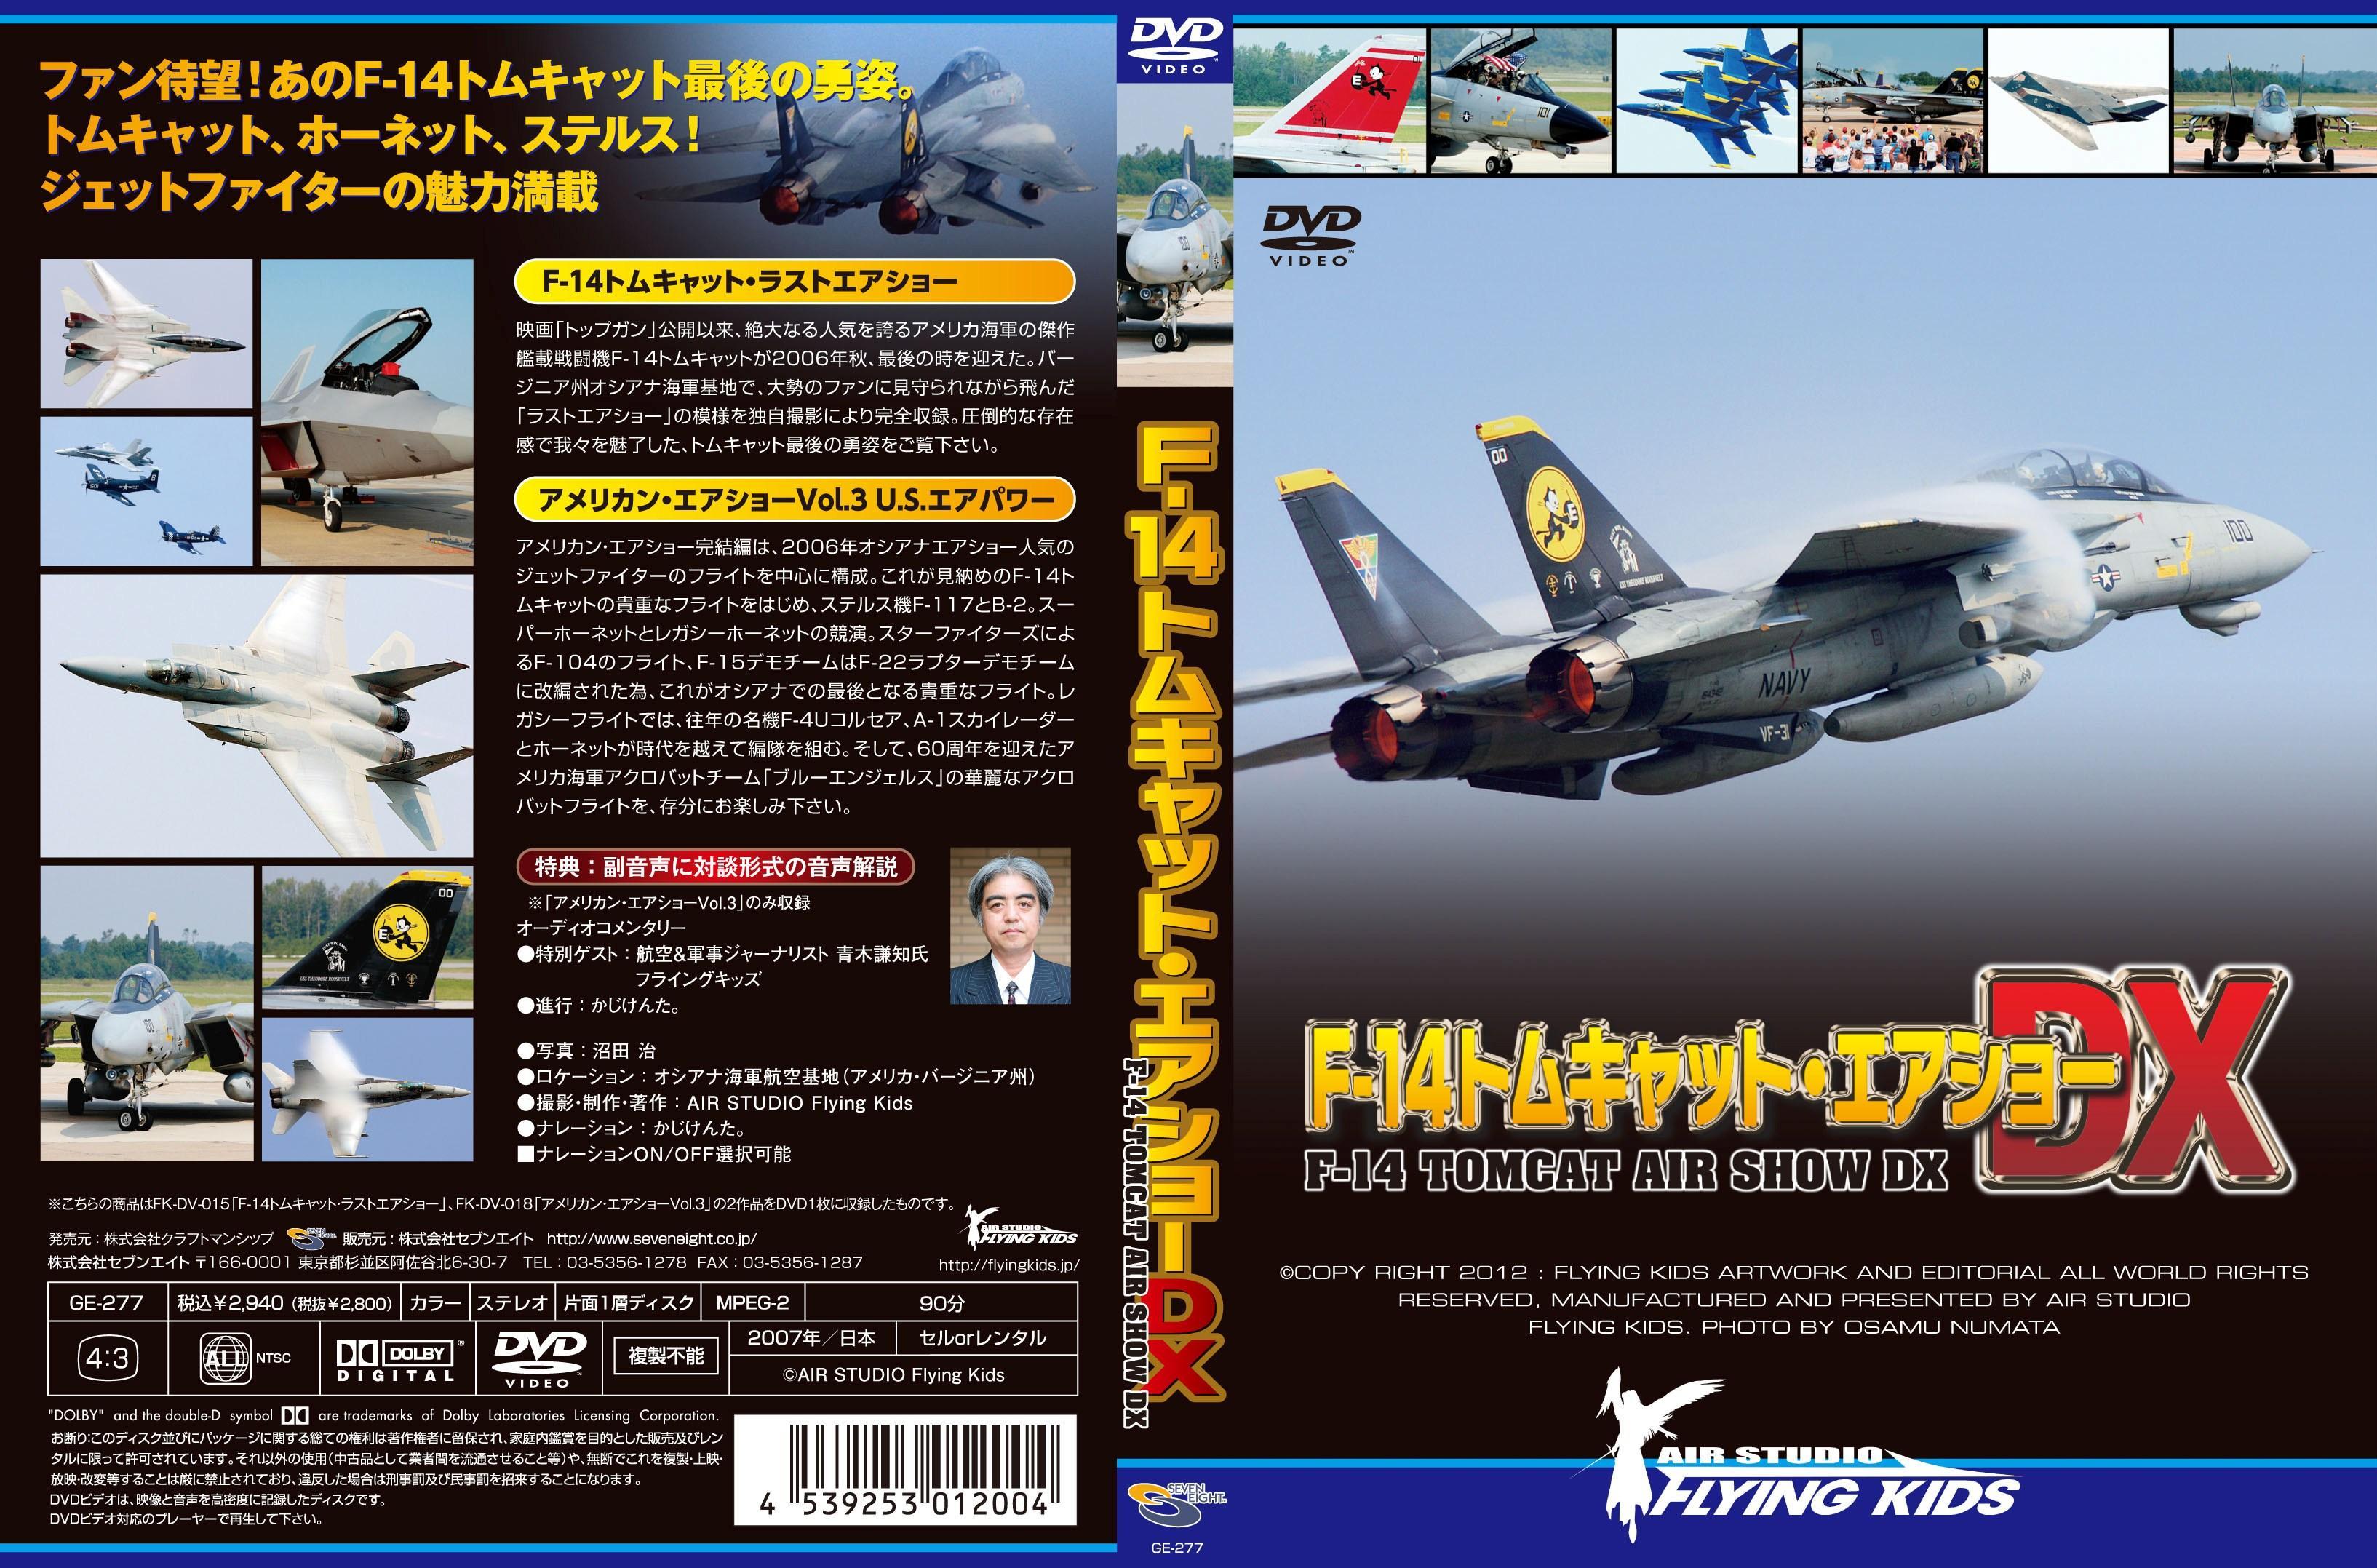 F-14 トムキャット・エアショーDX のサムネイル画像